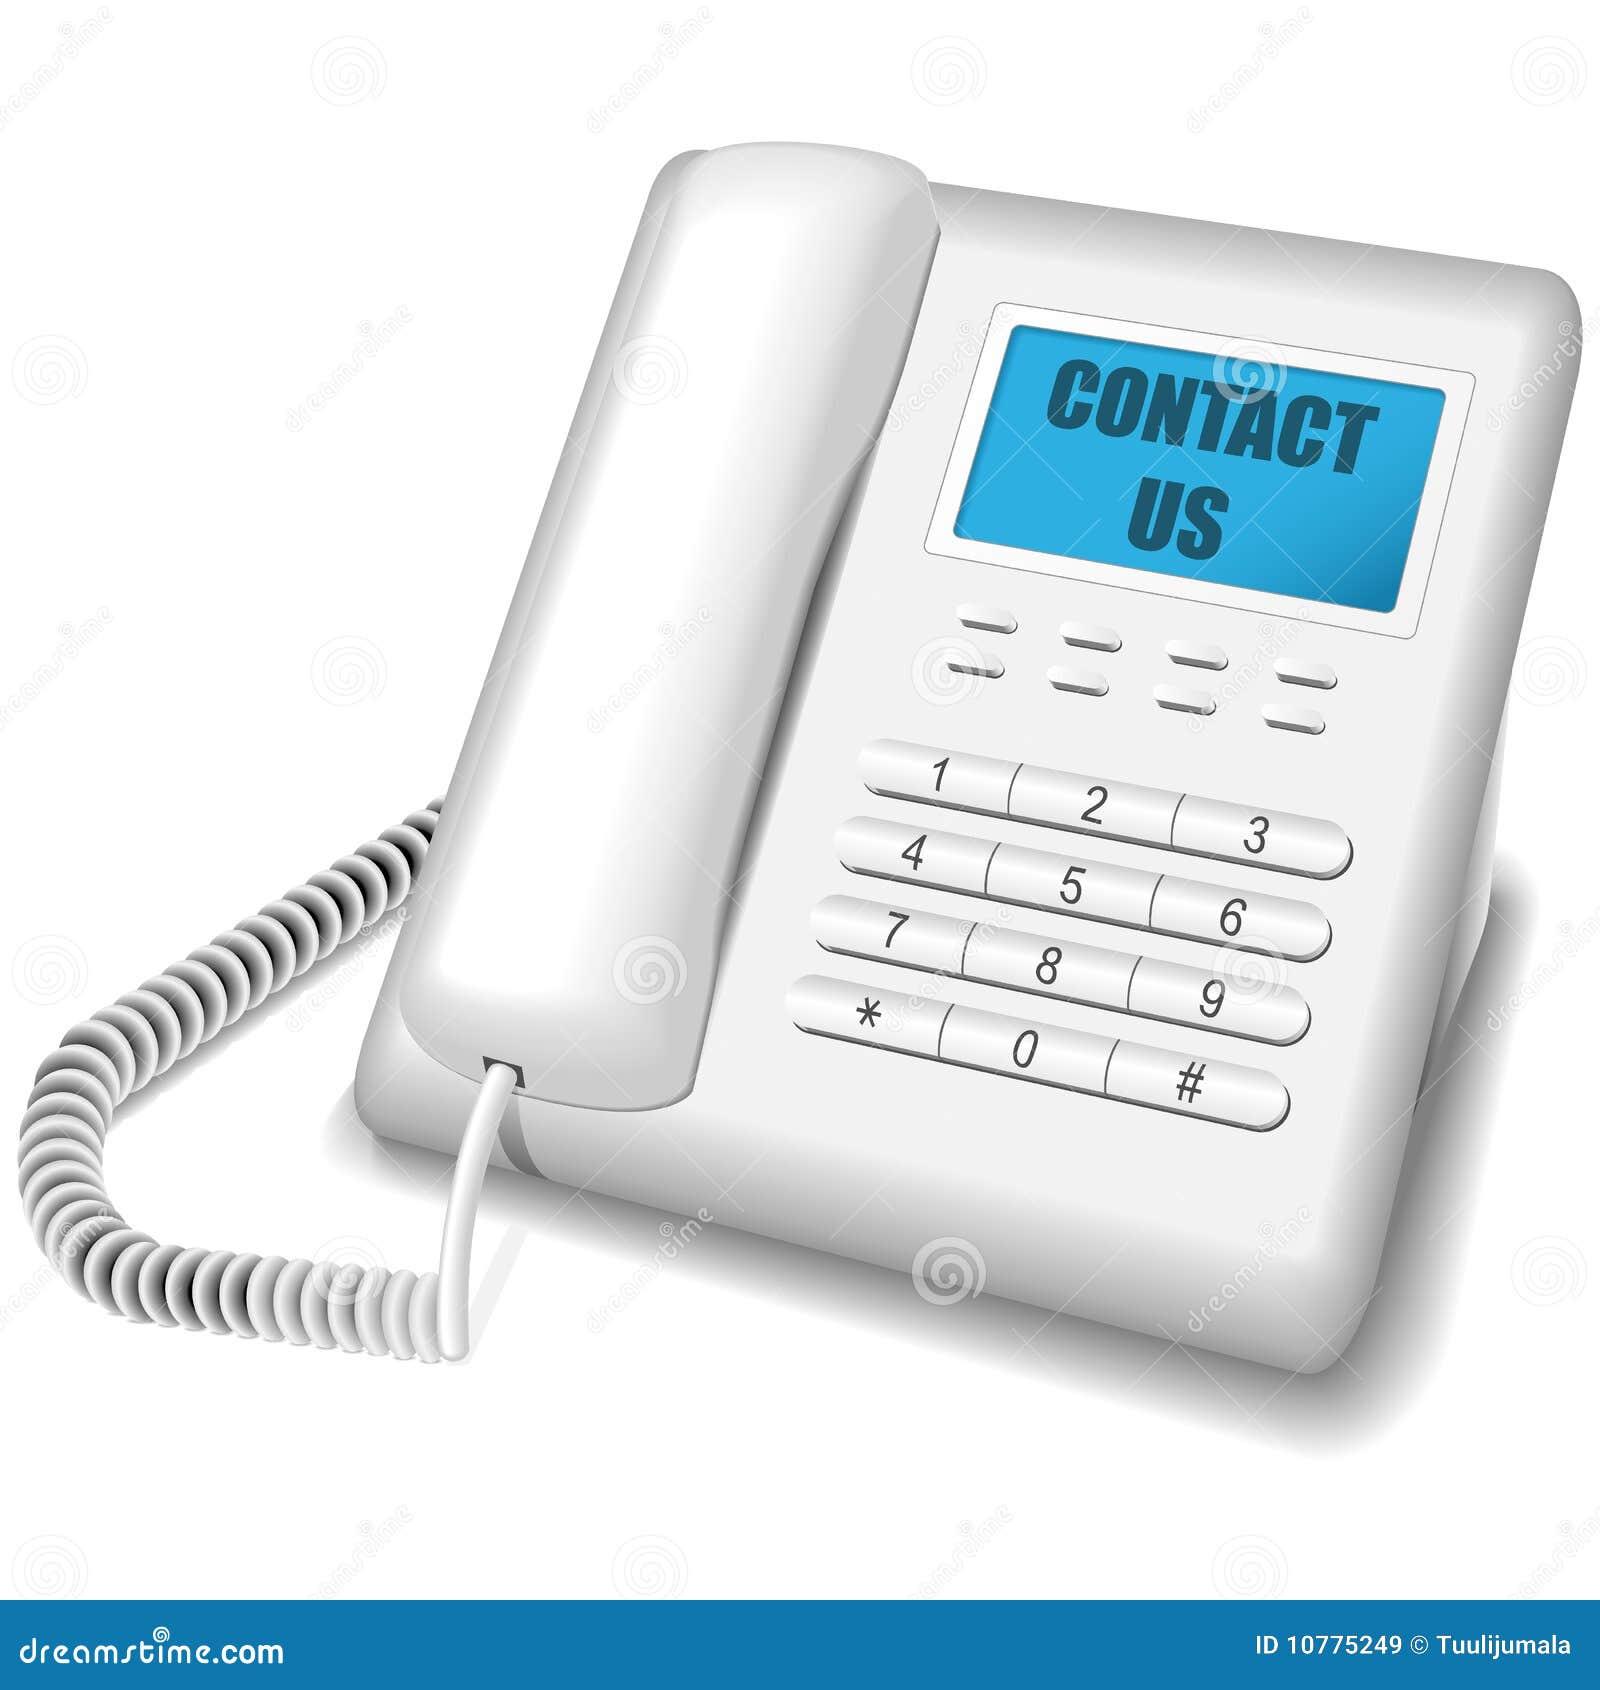 Teléfono blanco moderno.